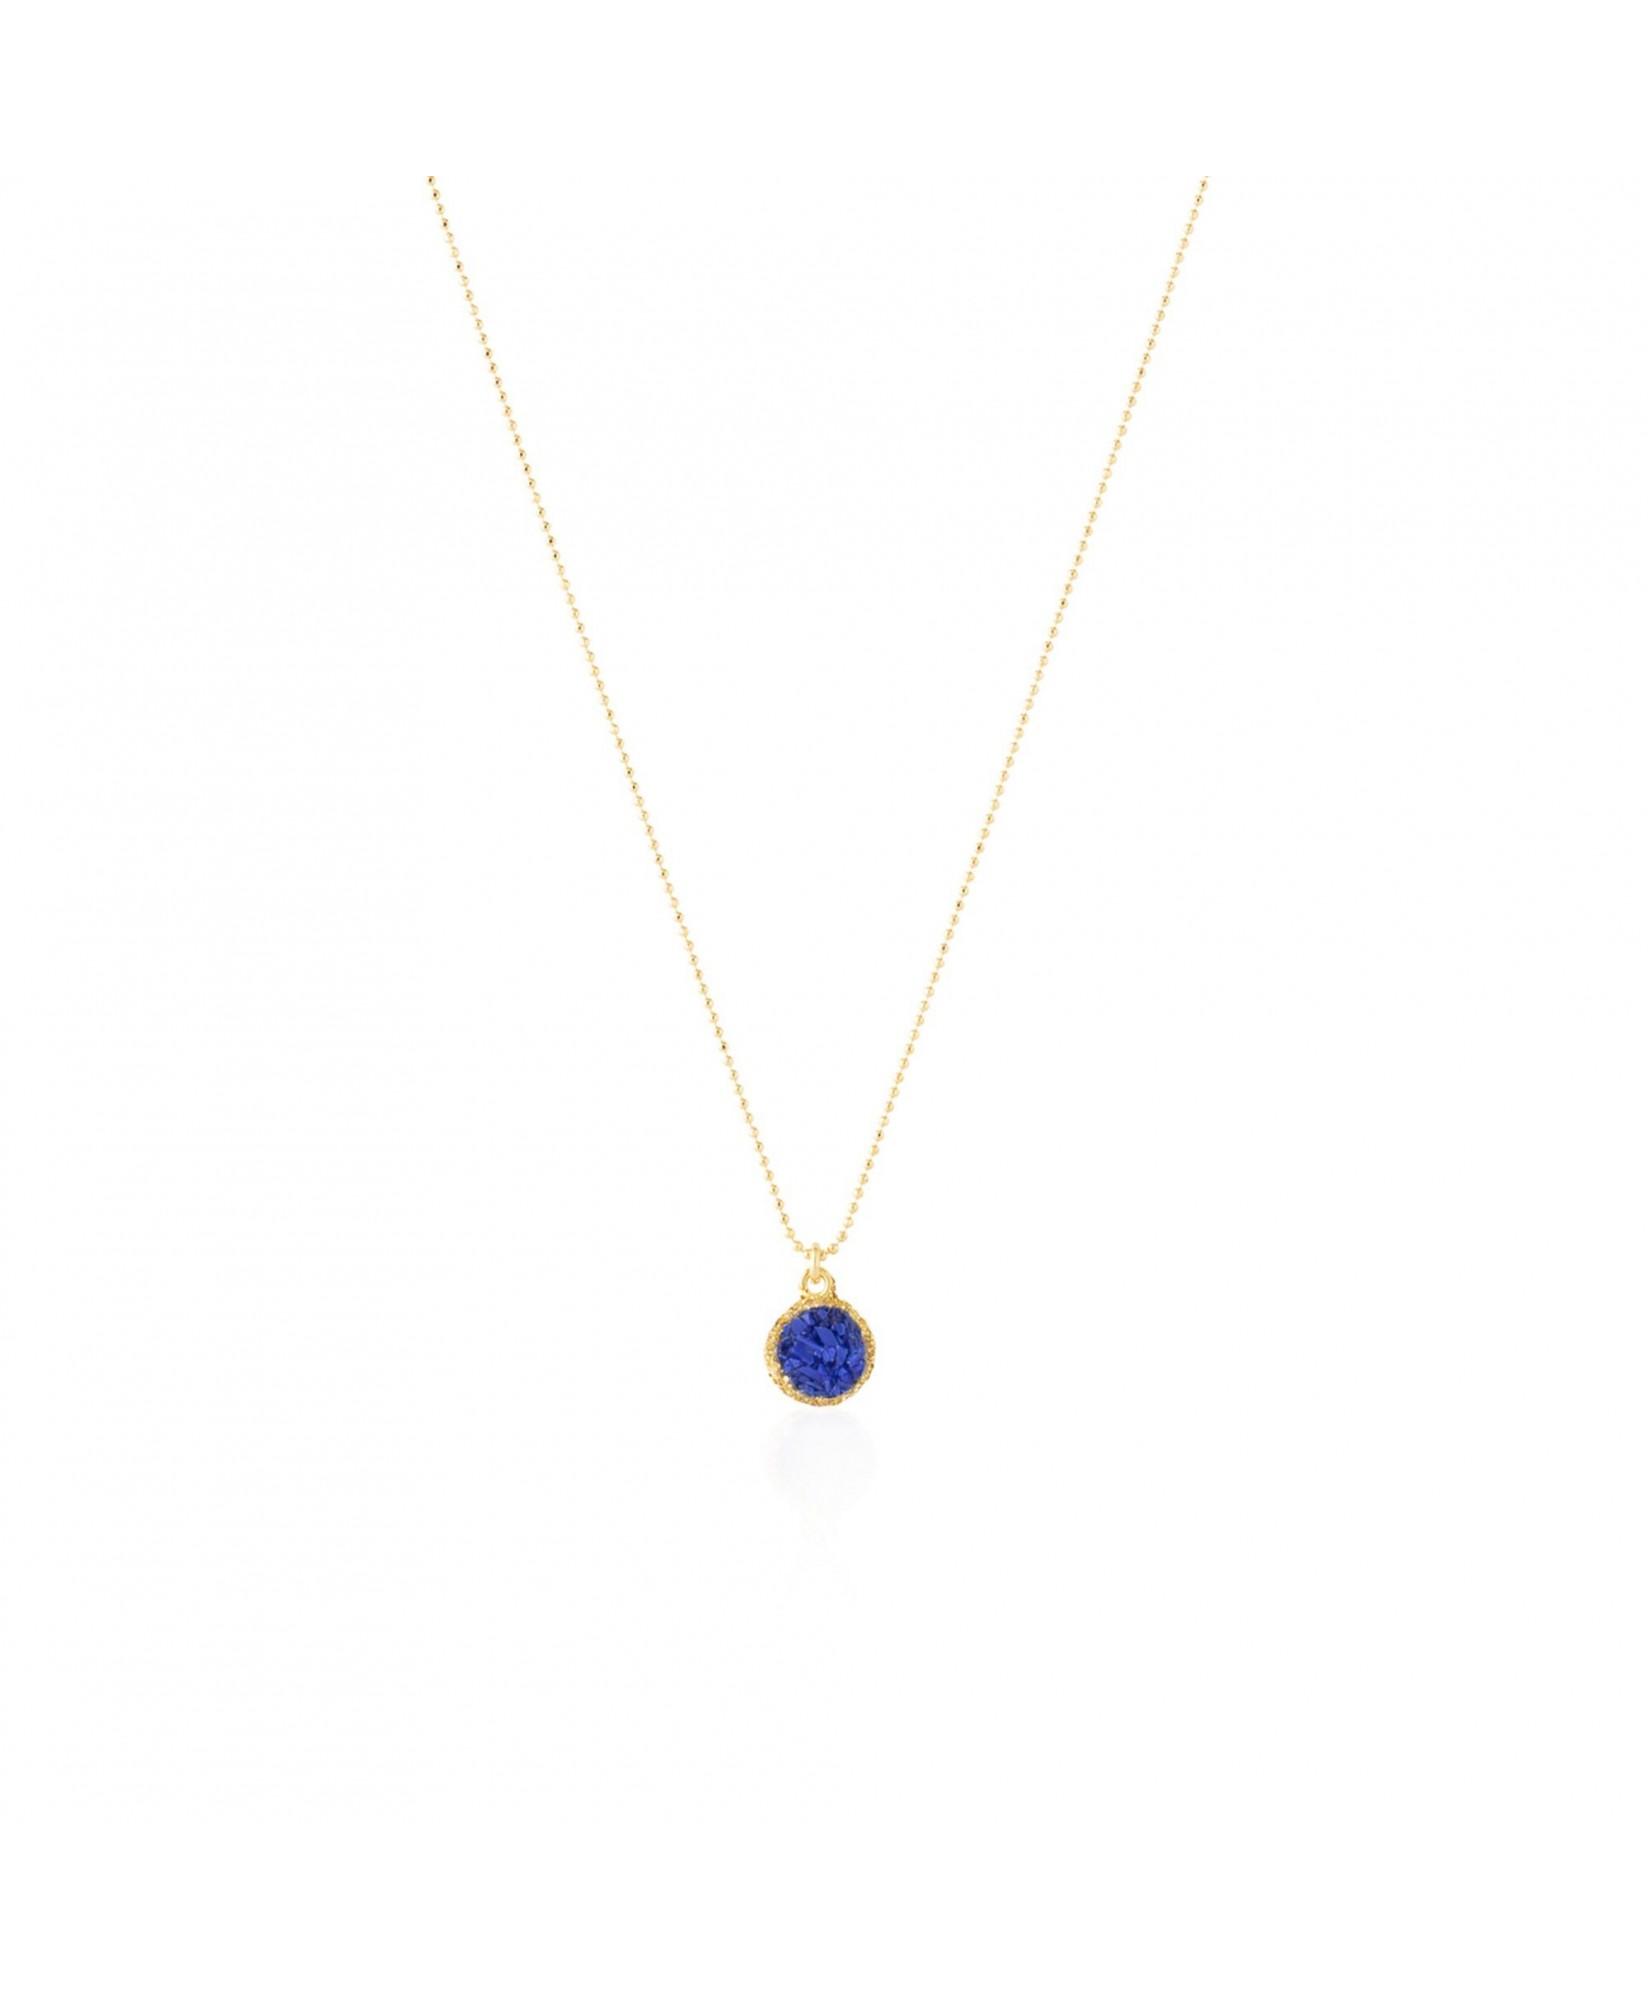 Gargantilla oro con colgante redondo Klein con nácar azul Gargantilla oro con colgante redondo Klein con nácar azul